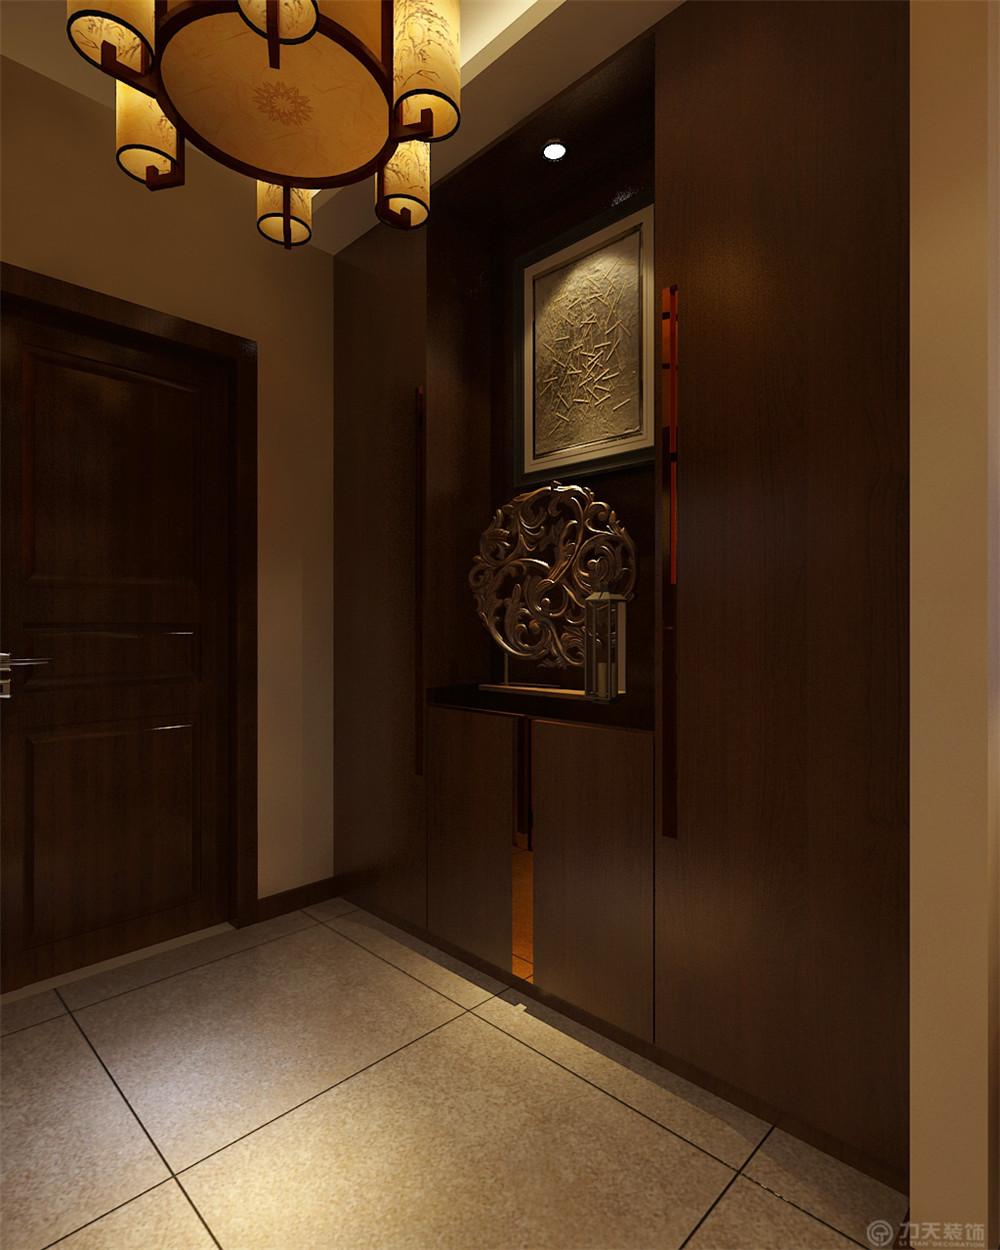 二居 新中式 白领 收纳 80后 小资 玄关图片来自阳光放扉er在金才园-91㎡-新中式风格的分享